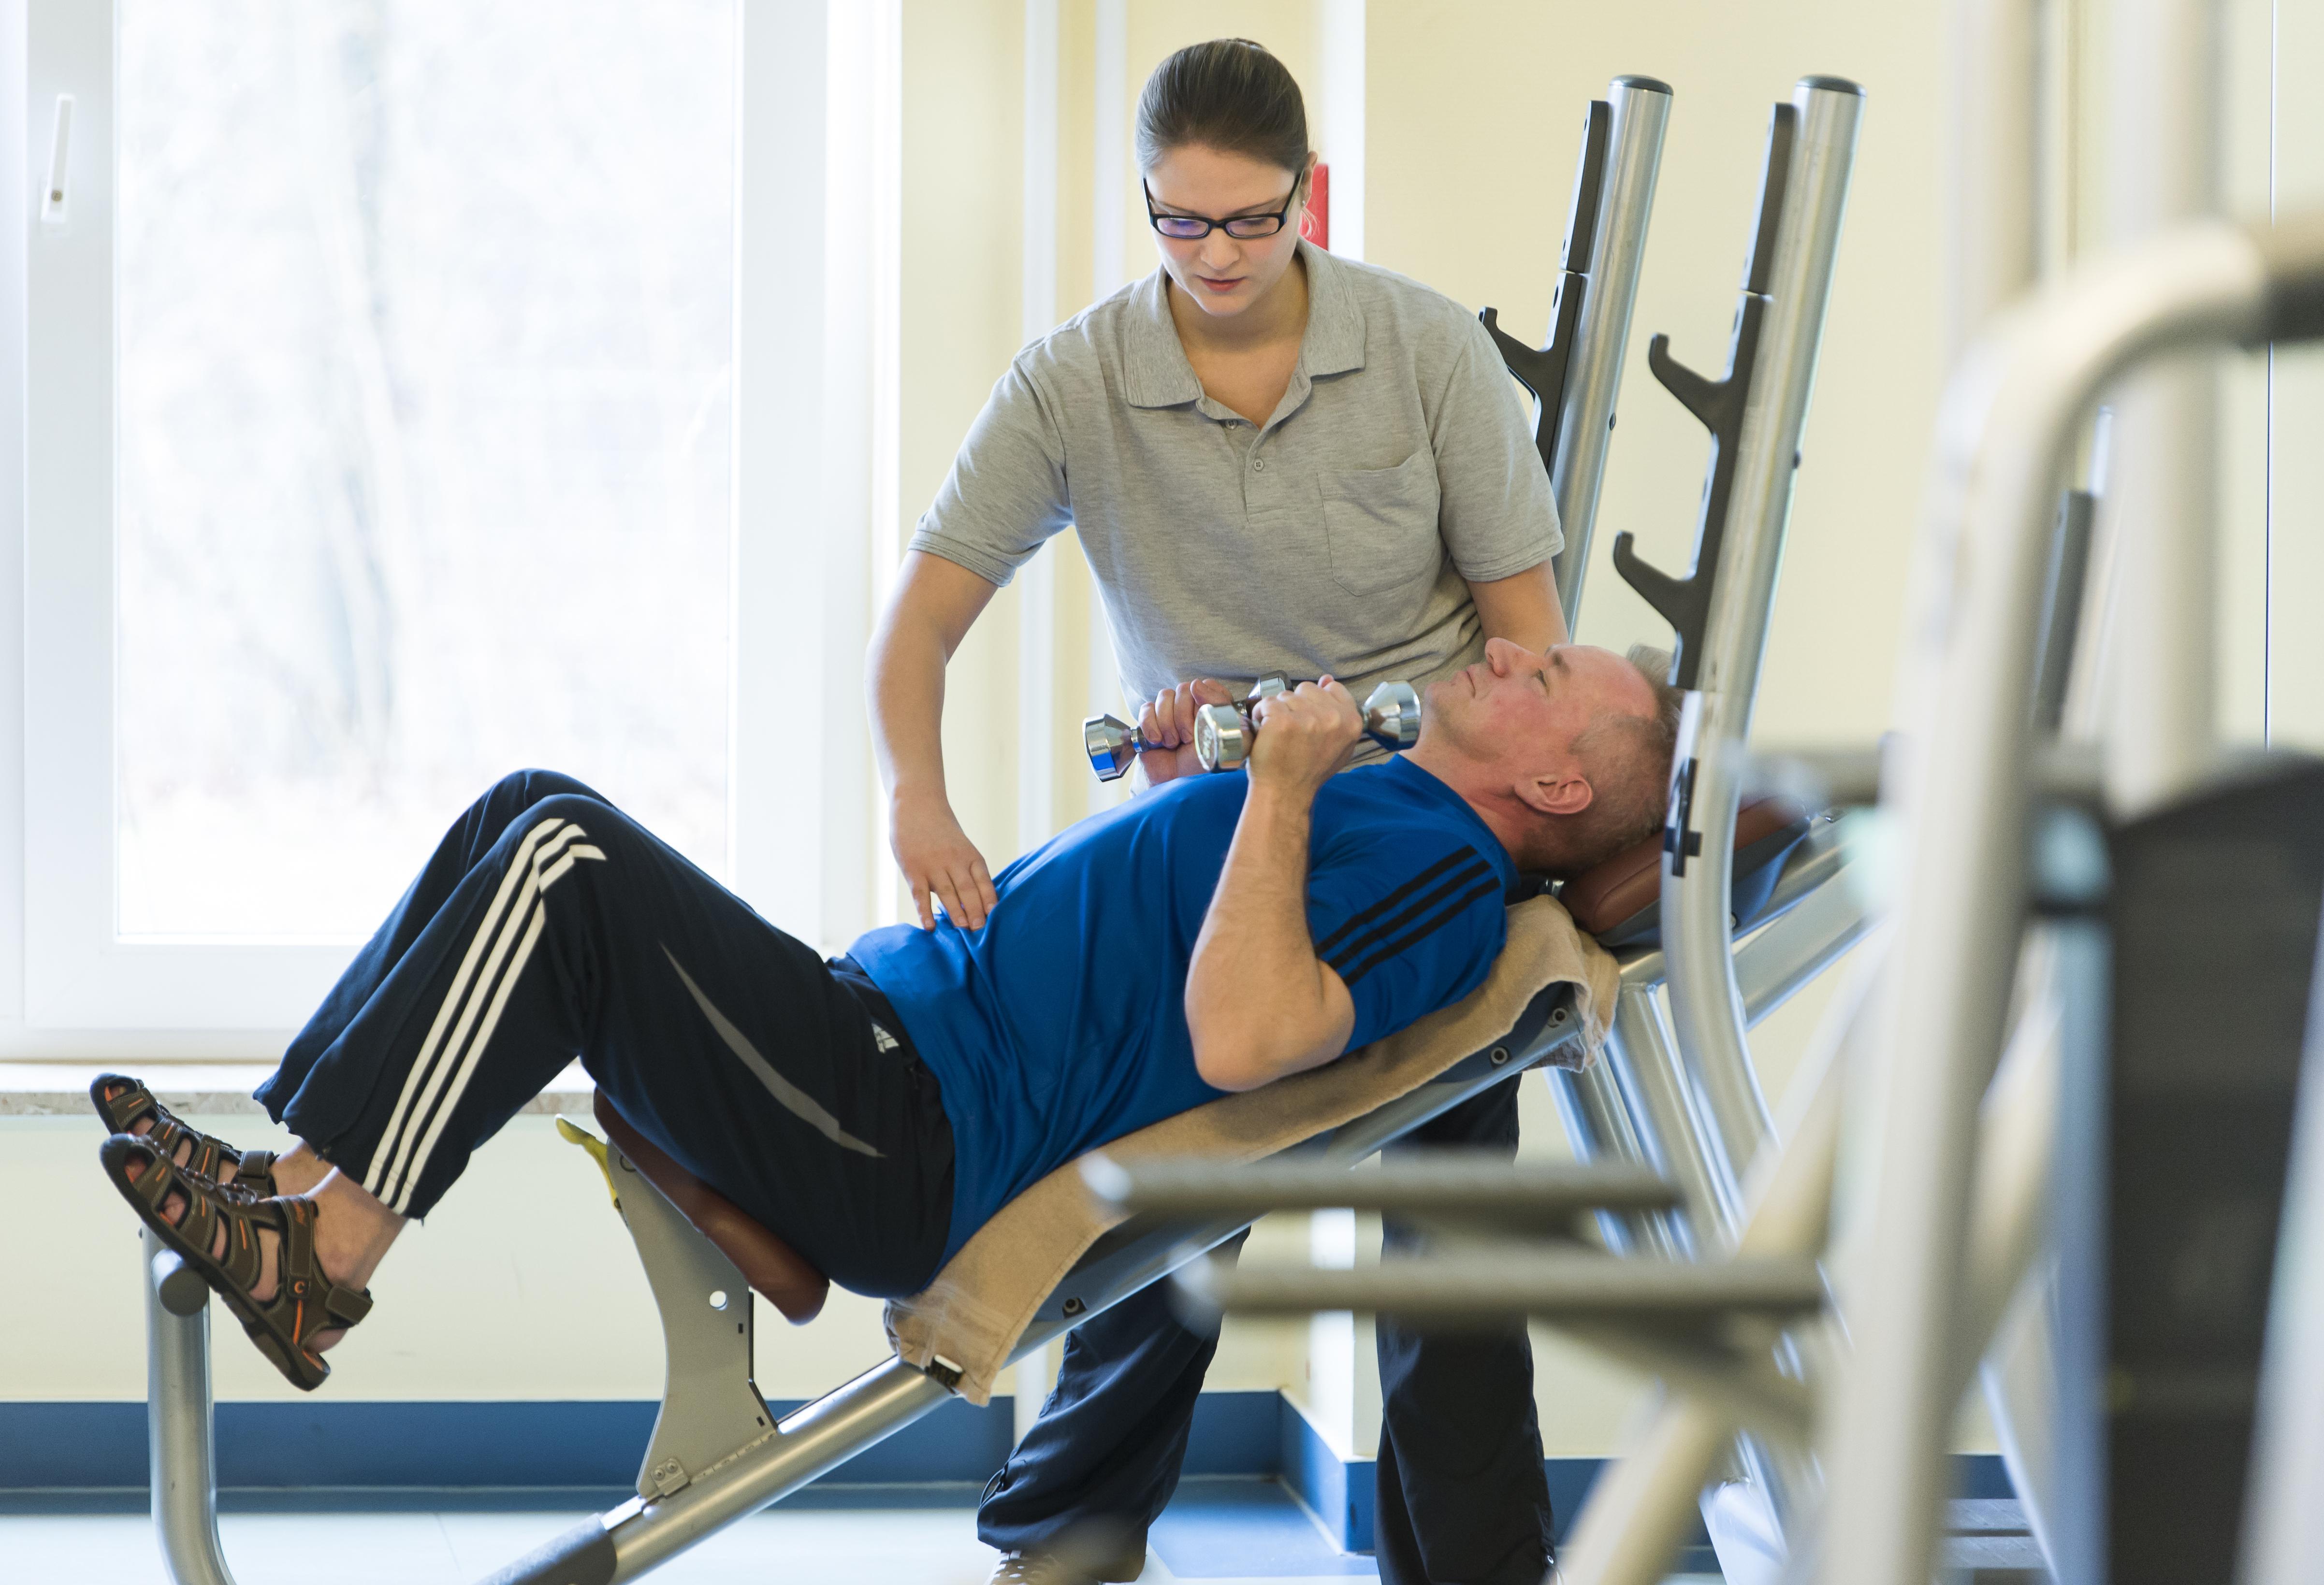 FitnessClinic Bad Bramstedt - Klinikum Bad Bramstedt